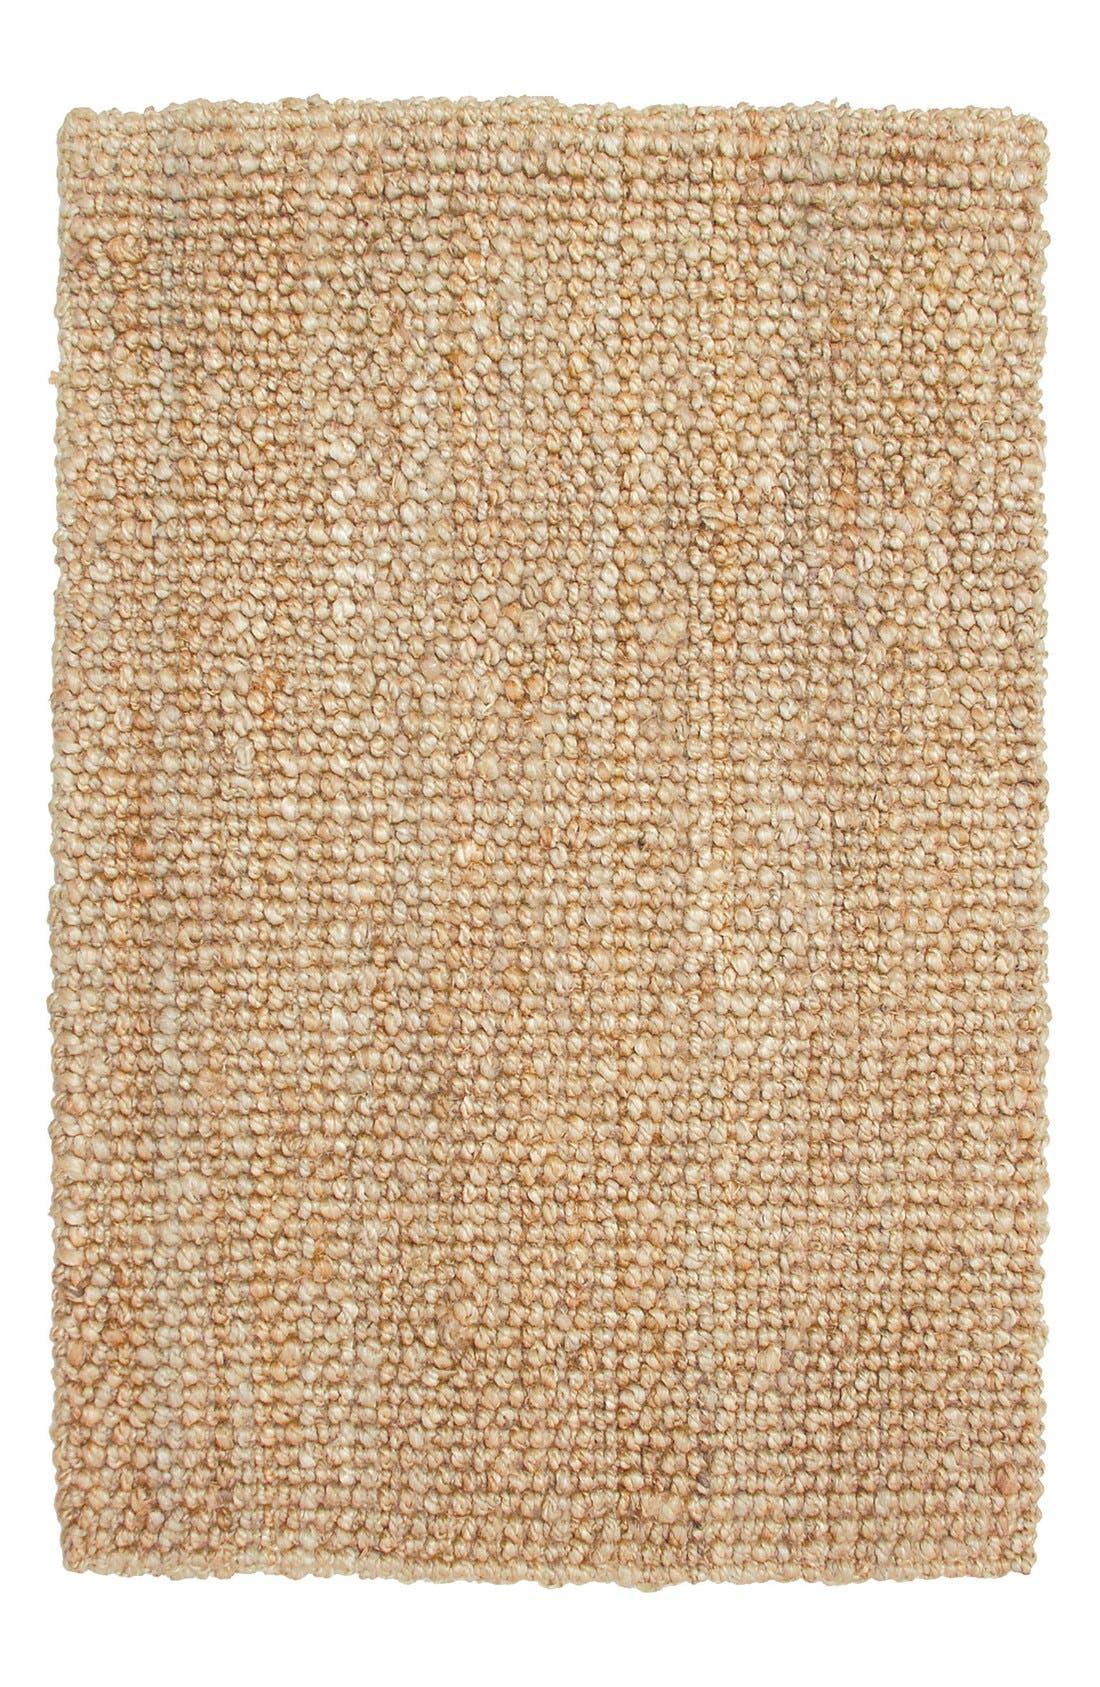 Hand Woven Loop Rug,                             Main thumbnail 1, color,                             250